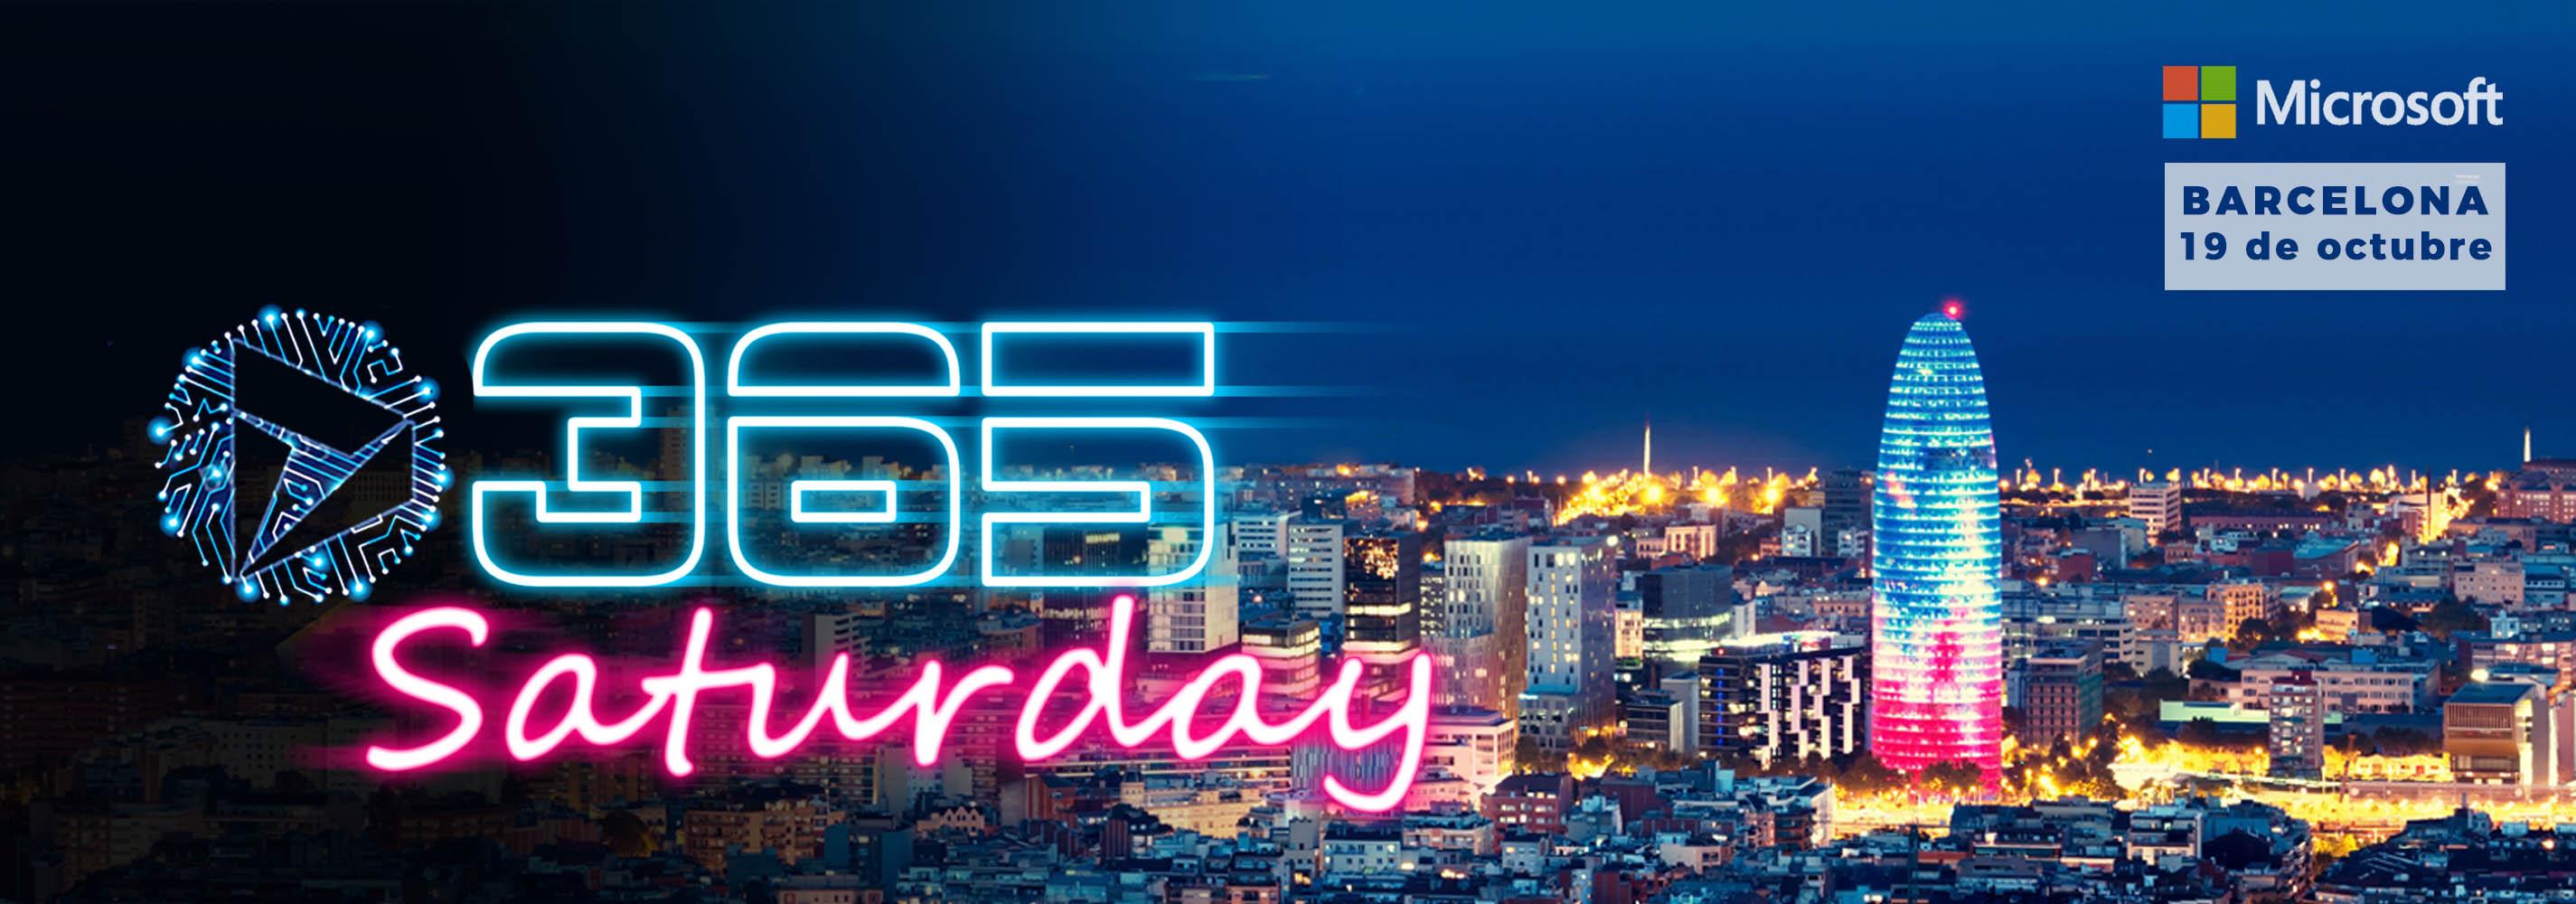 D365 SATURDAY Madrid 2018 ERD